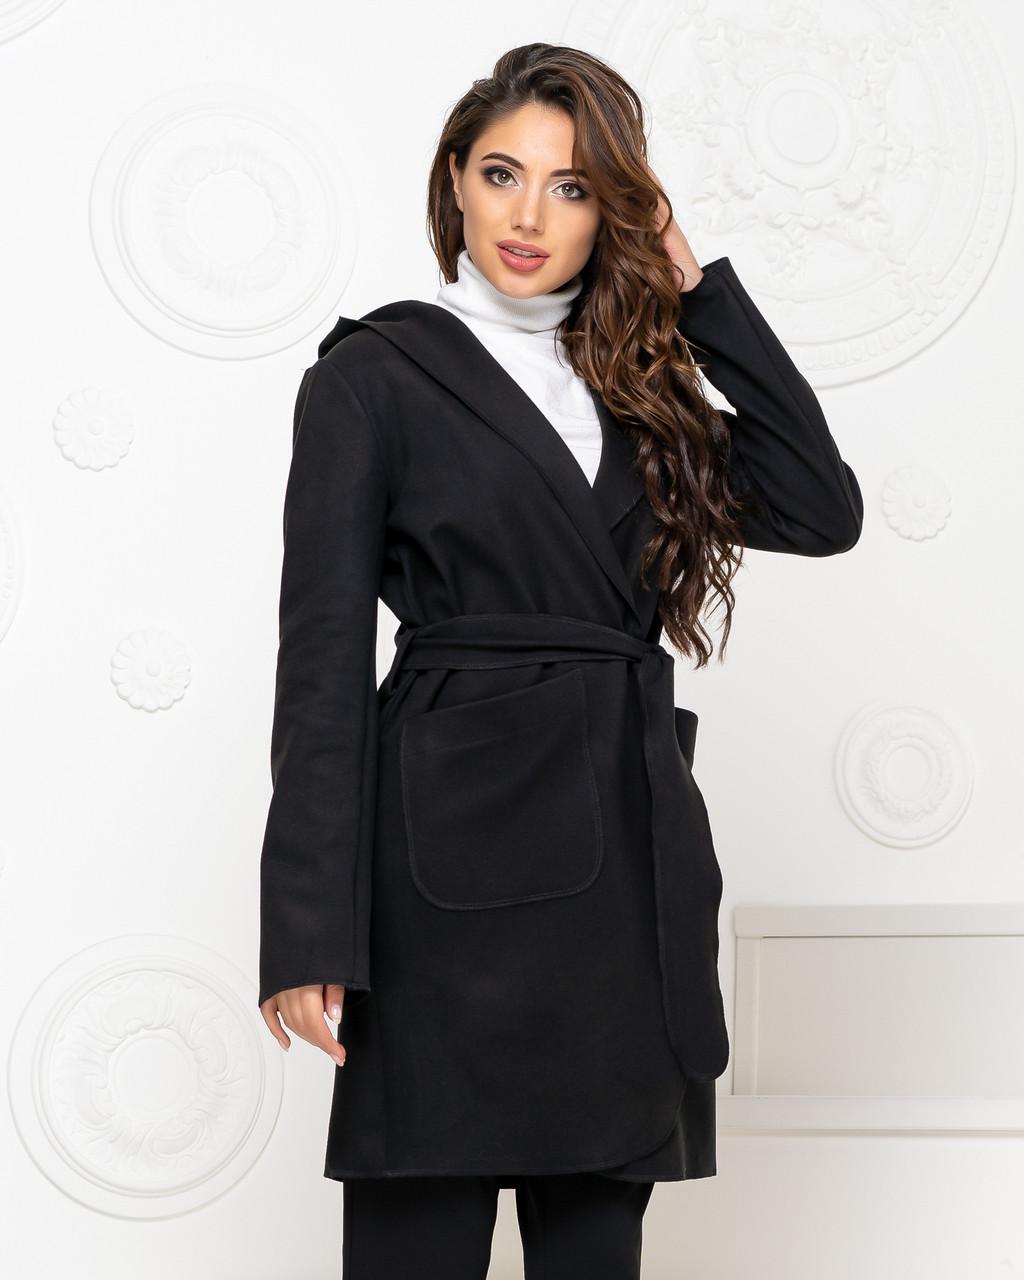 Пальто з капюшоном і поясом NOBILITAS 42 - 48 чорне кашемір (арт. 20011)